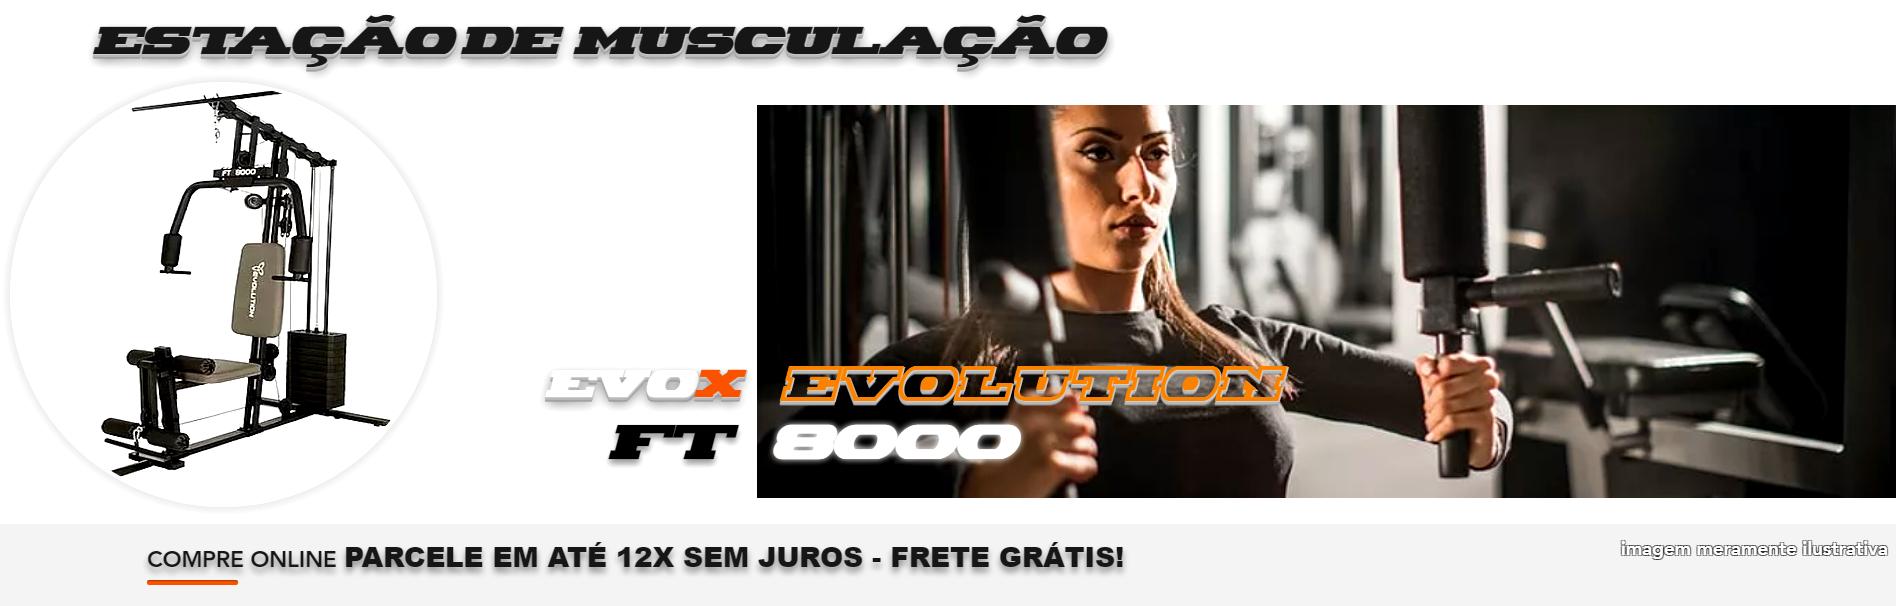 estação de musculação ft 8000